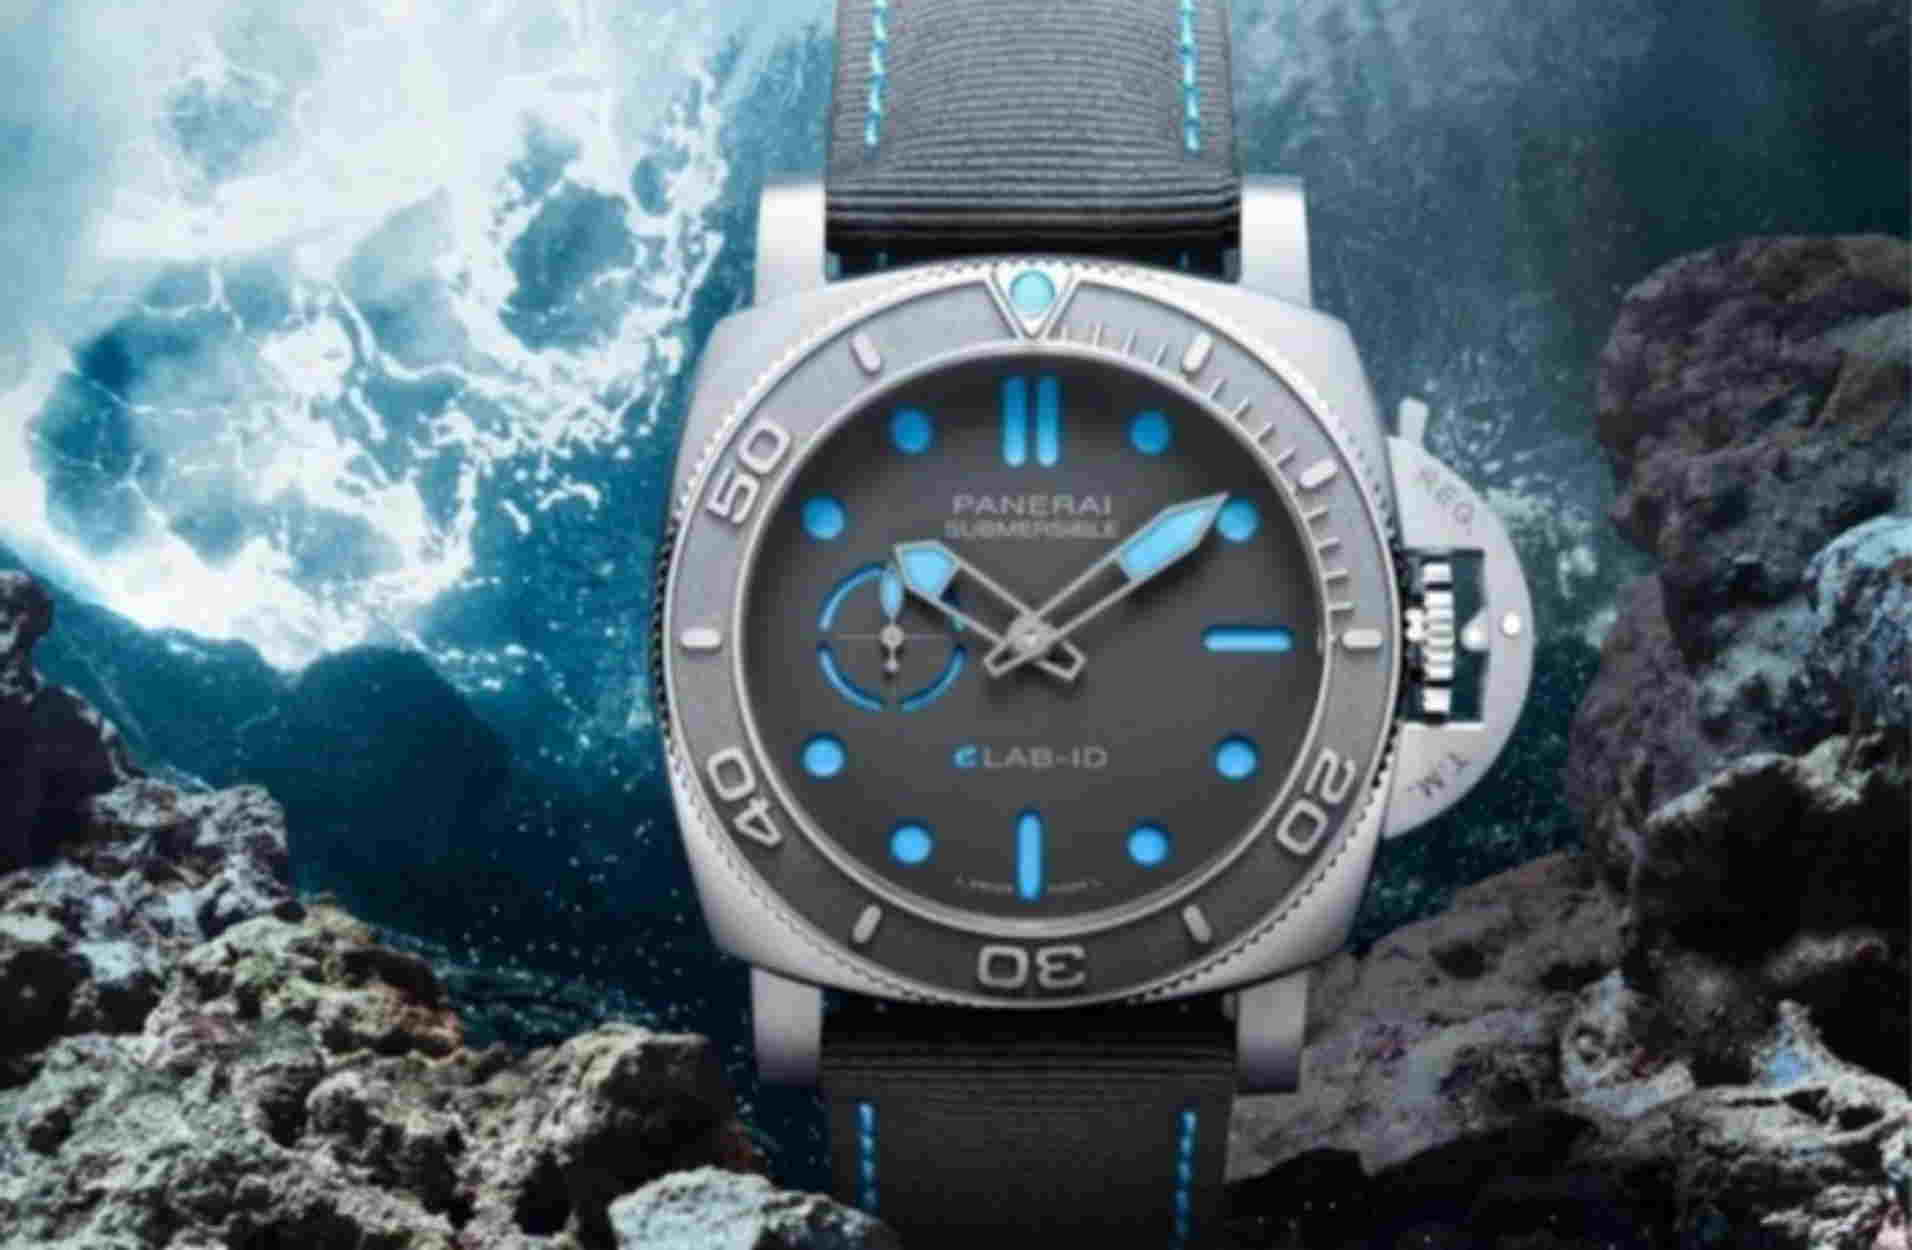 Η Panerai κυκλοφόρησε ένα συναρπαστικό ρολόι που είναι 98,6% ανακυκλωμένο